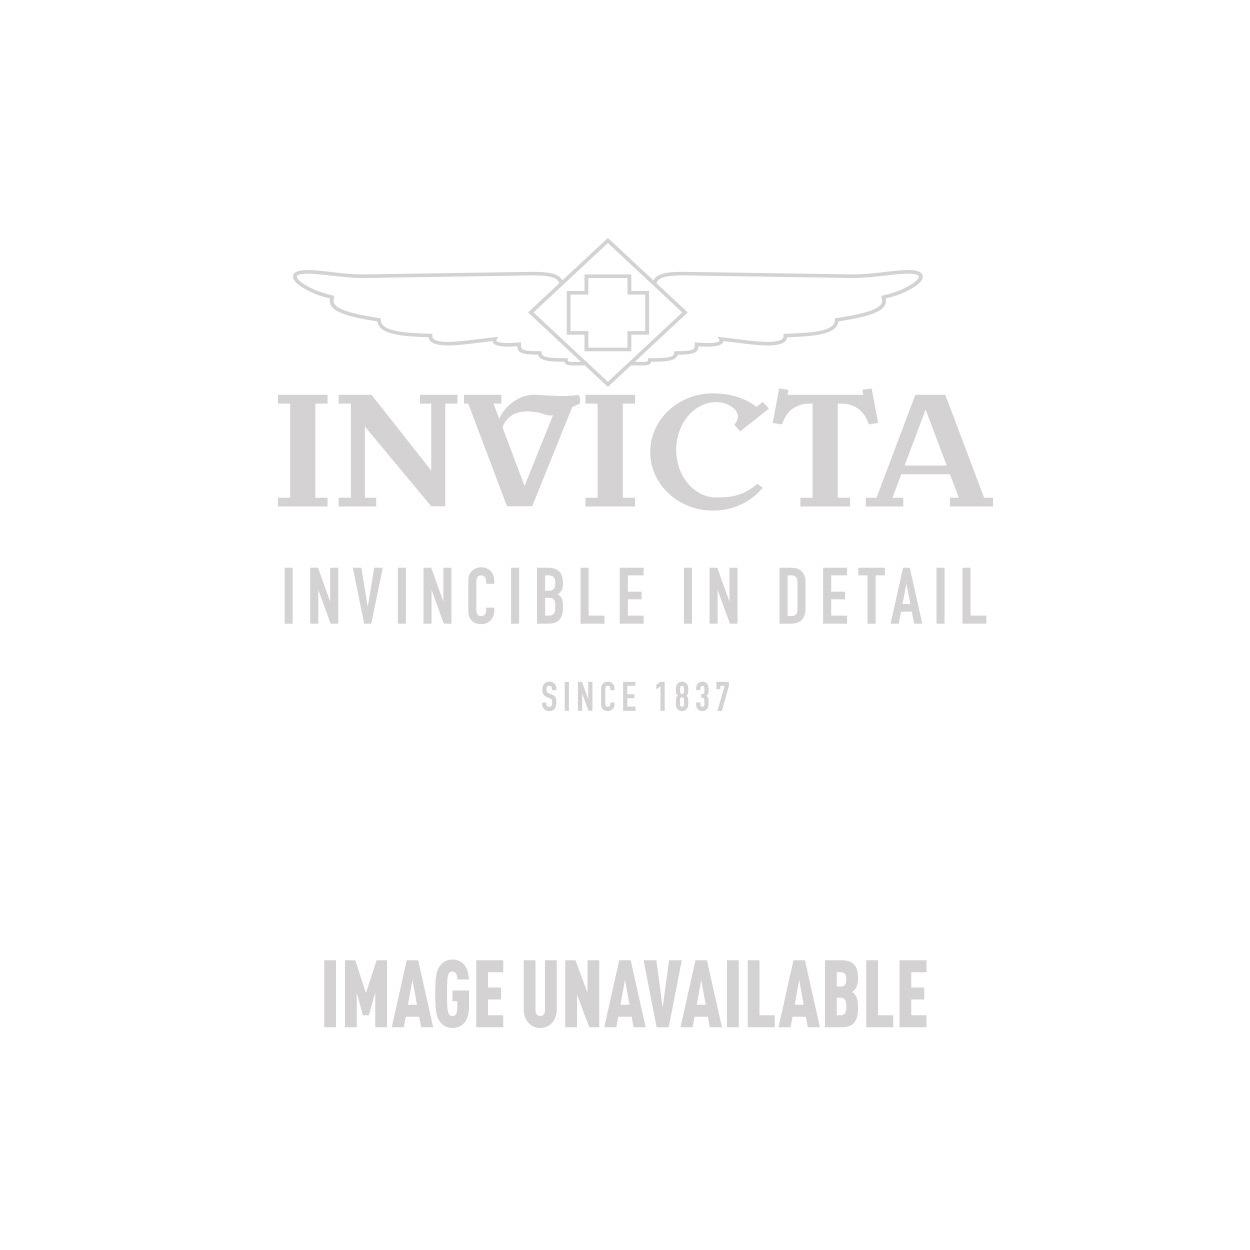 Invicta Model 29090